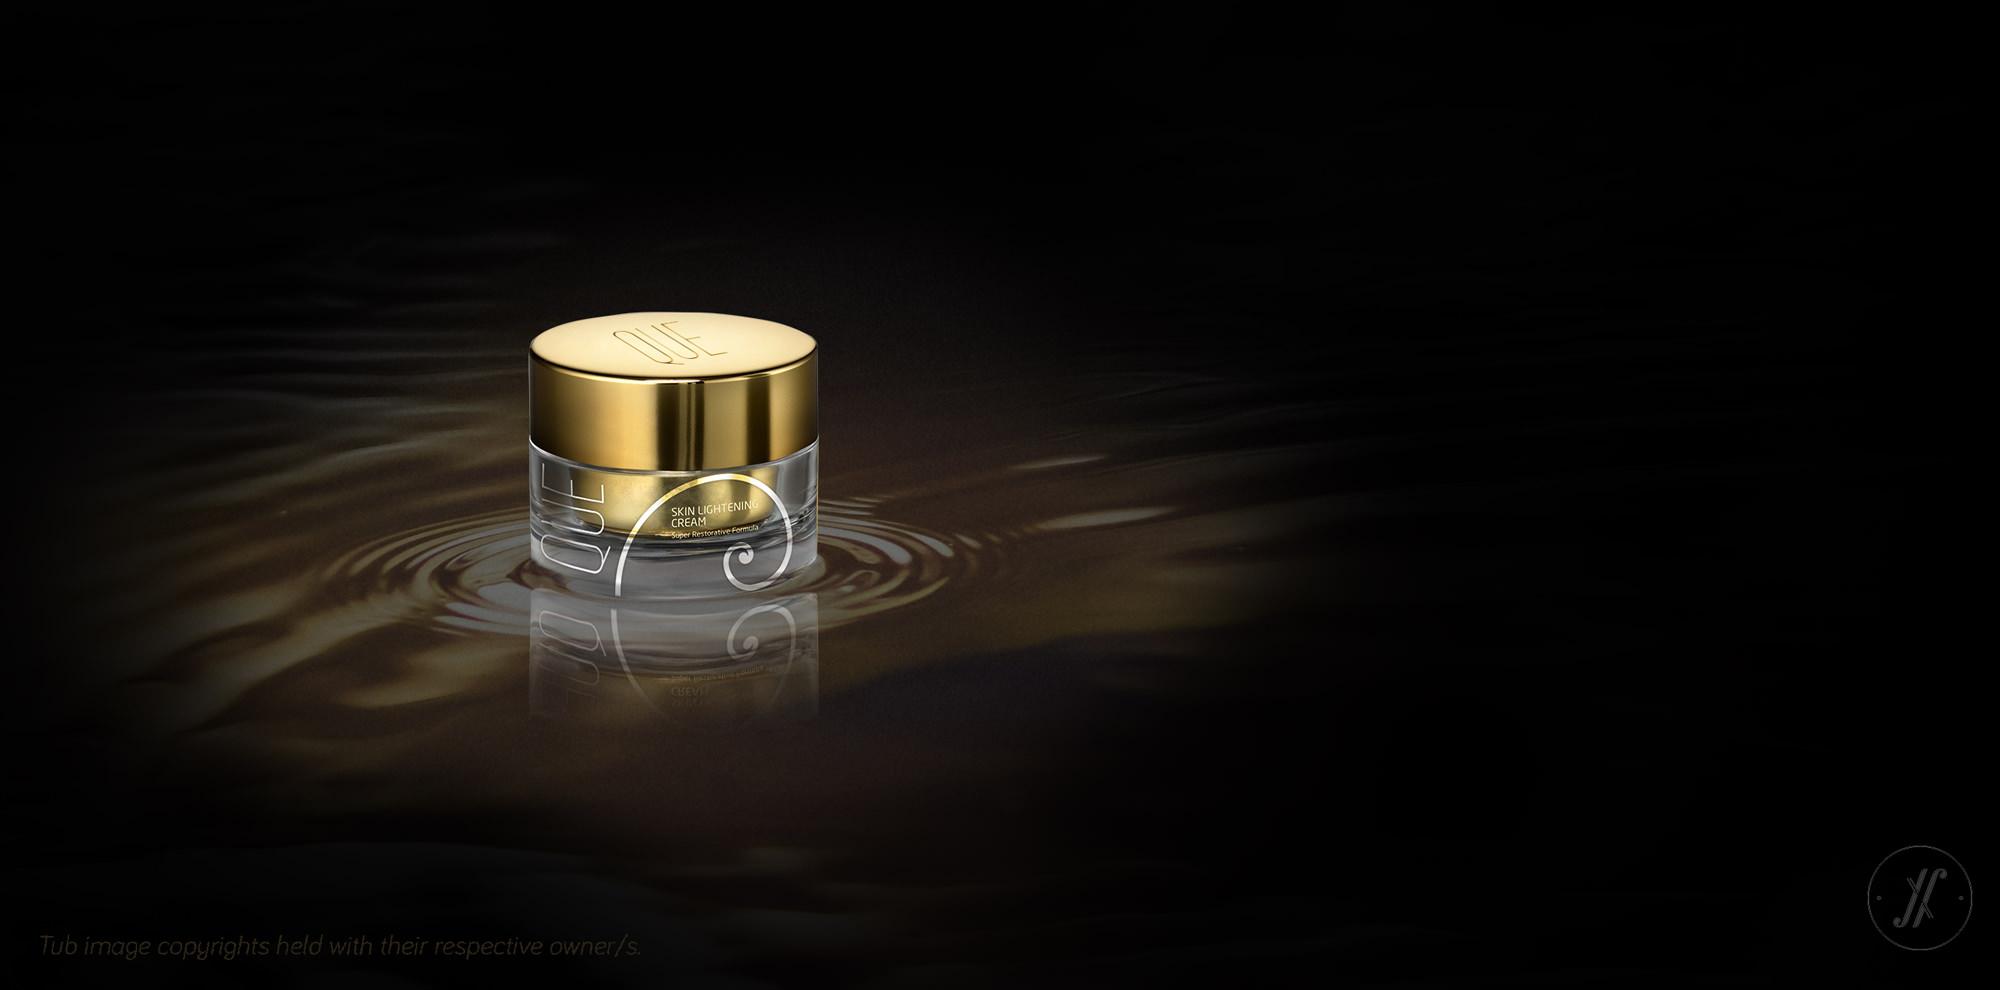 2- Yellow Fishes Branding Agency Mumbai Que Premium Luxury Cosmetics Branding London British Branding Skin care Golden Spiral Fibonacci Spiral Best packaging design cosmetics award winning.jpg